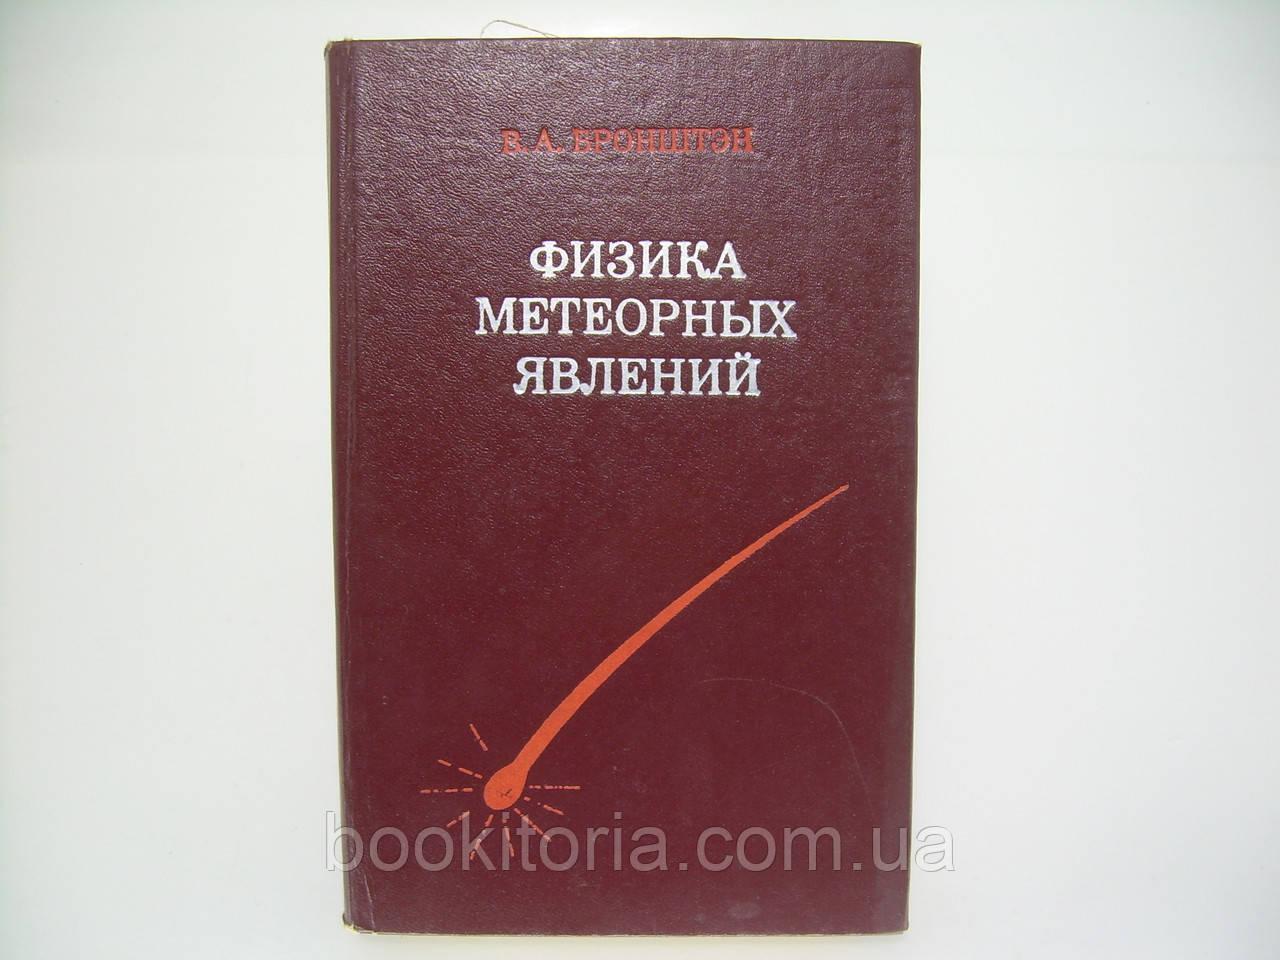 Бронштэн В.А. Физика метеорных явлений (б/у).